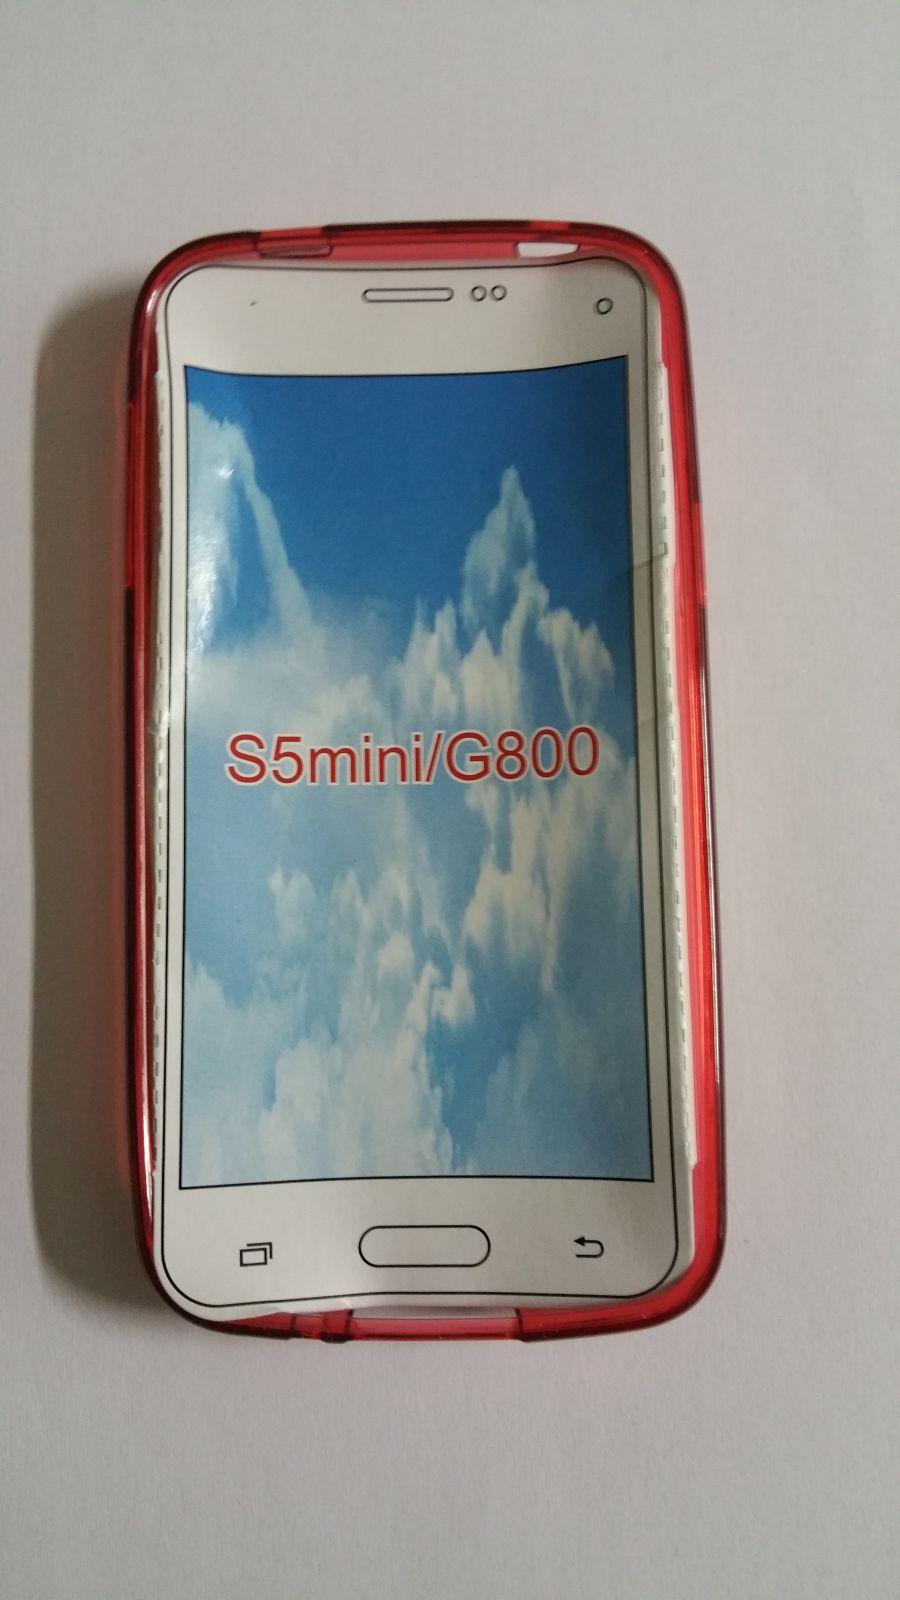 Pouzdro ForCell Lux S pro Samsung Galaxy S5 mini/G800 červené